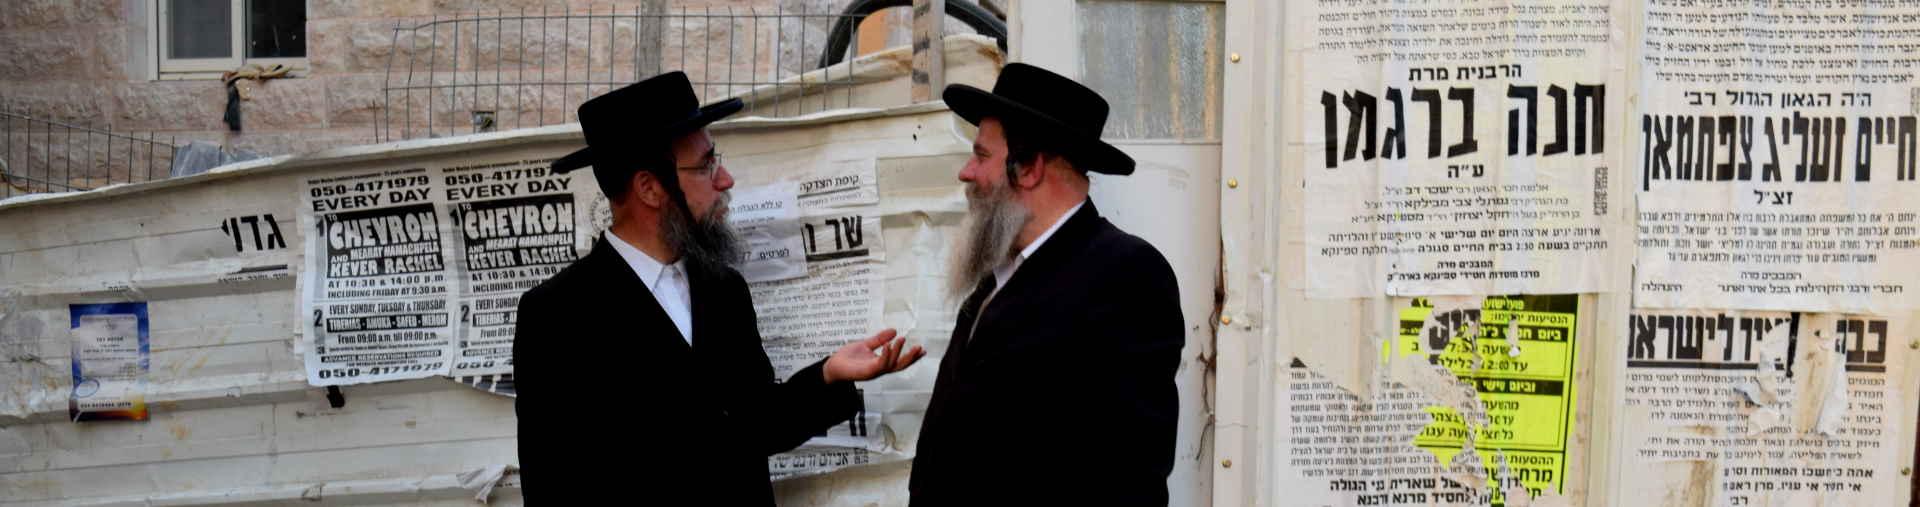 חרדים בשיחה בירושלים סיור היכרות